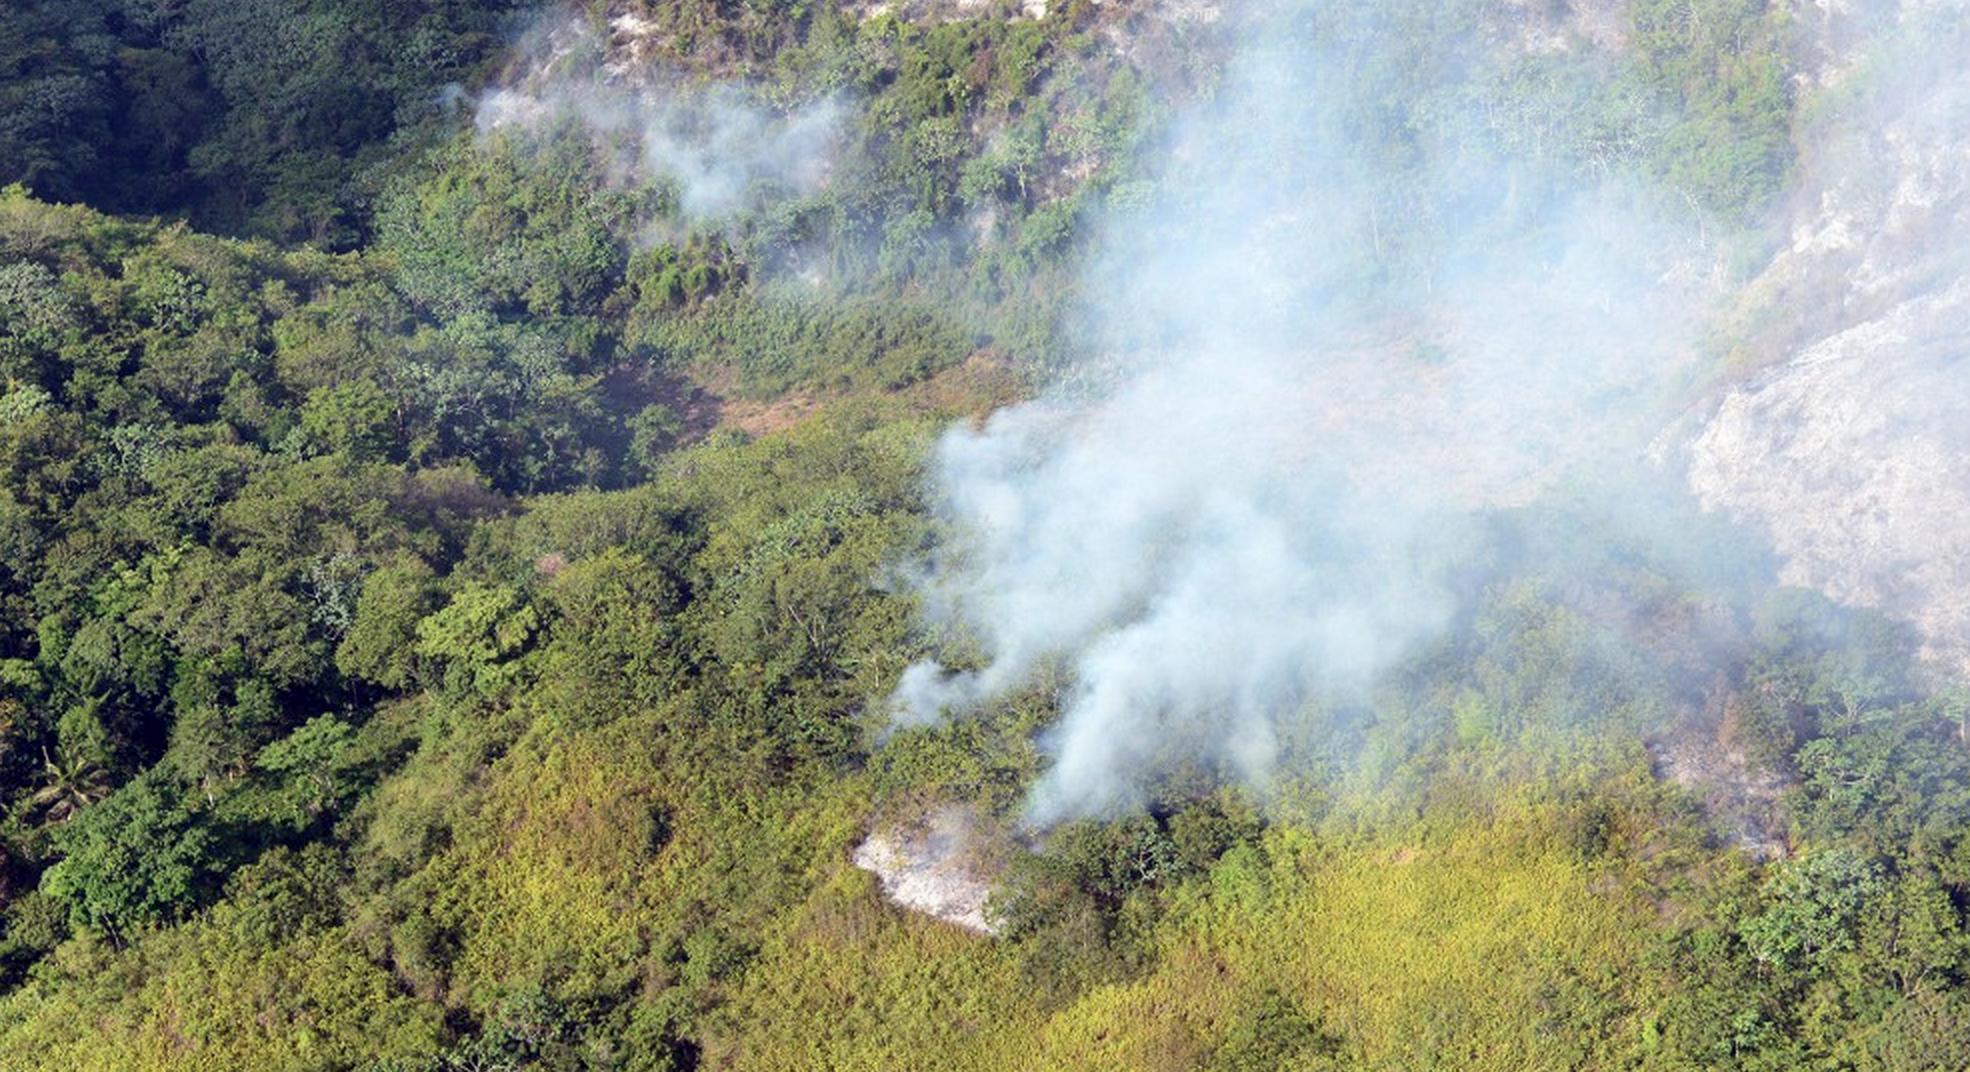 Legisladores piden investigación de fuegos forestales